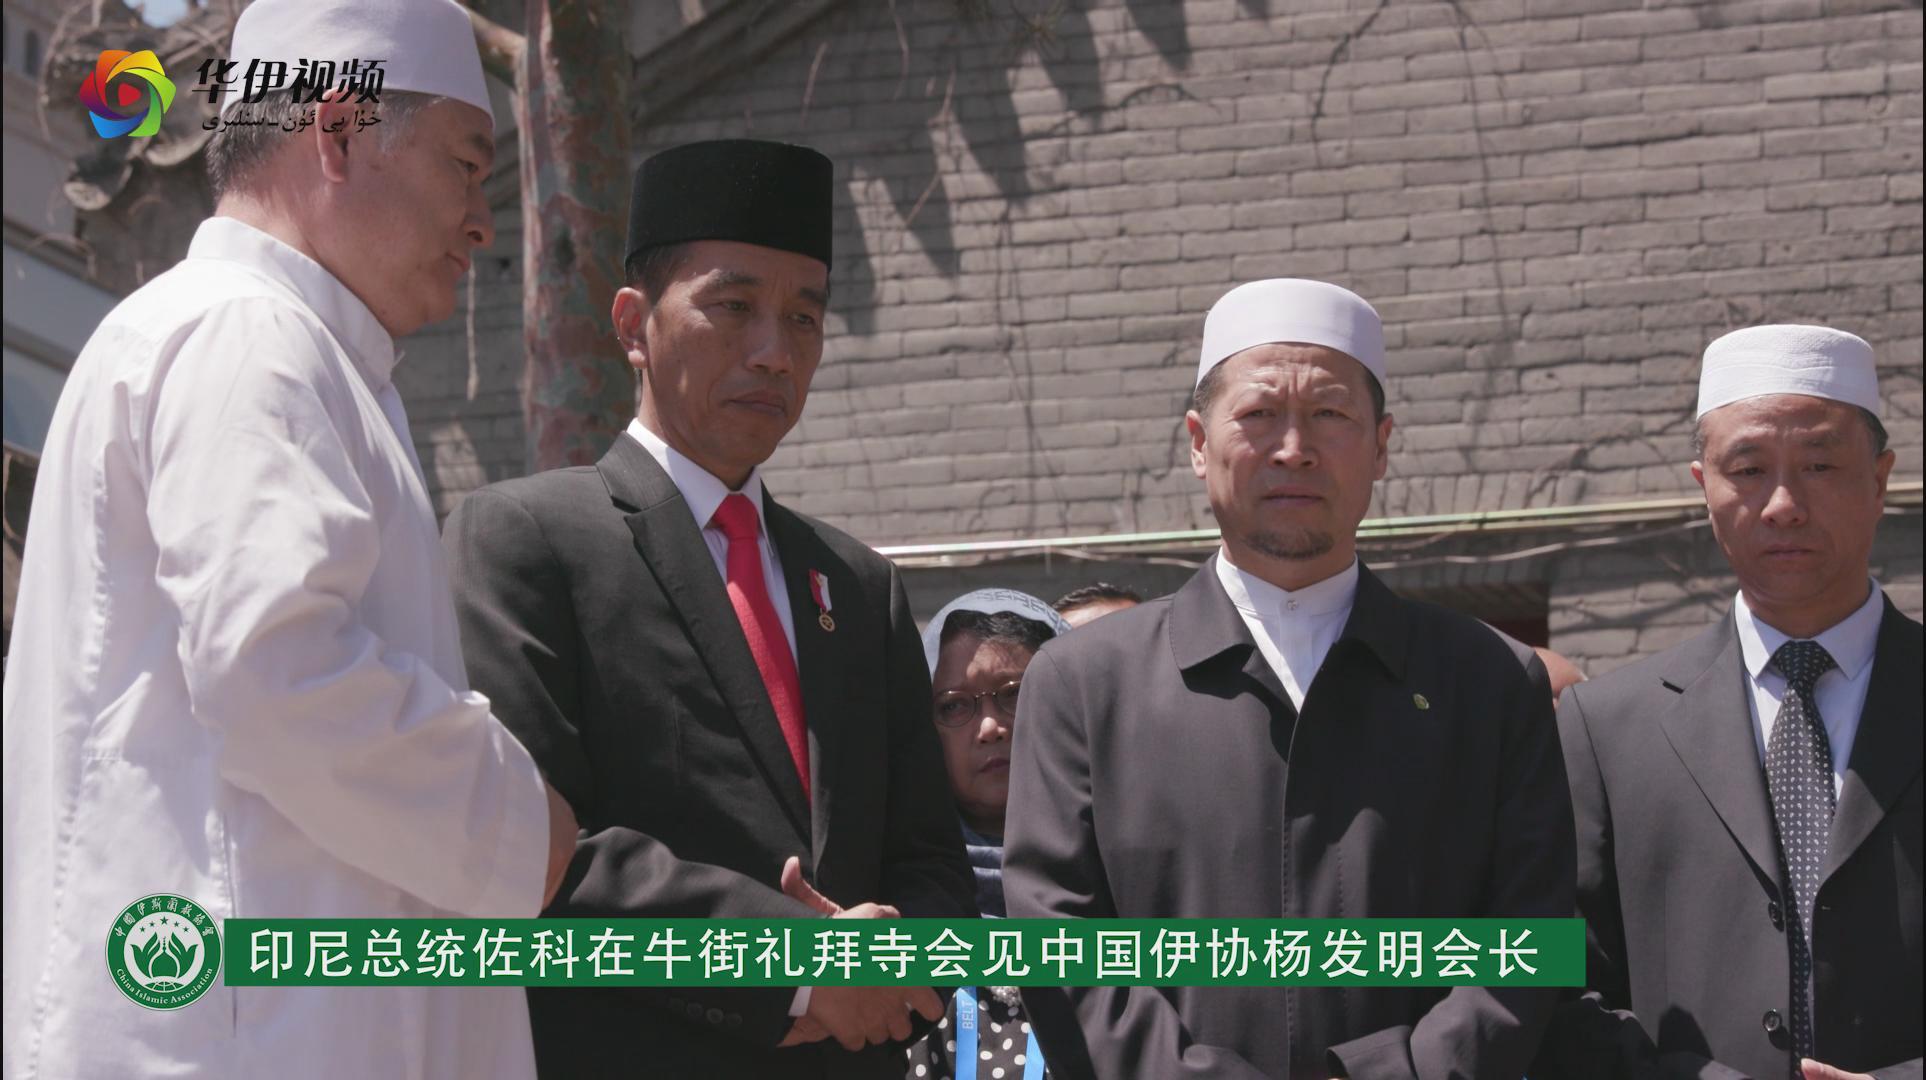 印尼总统佐科在牛街礼拜寺会见中国伊协杨发明会长